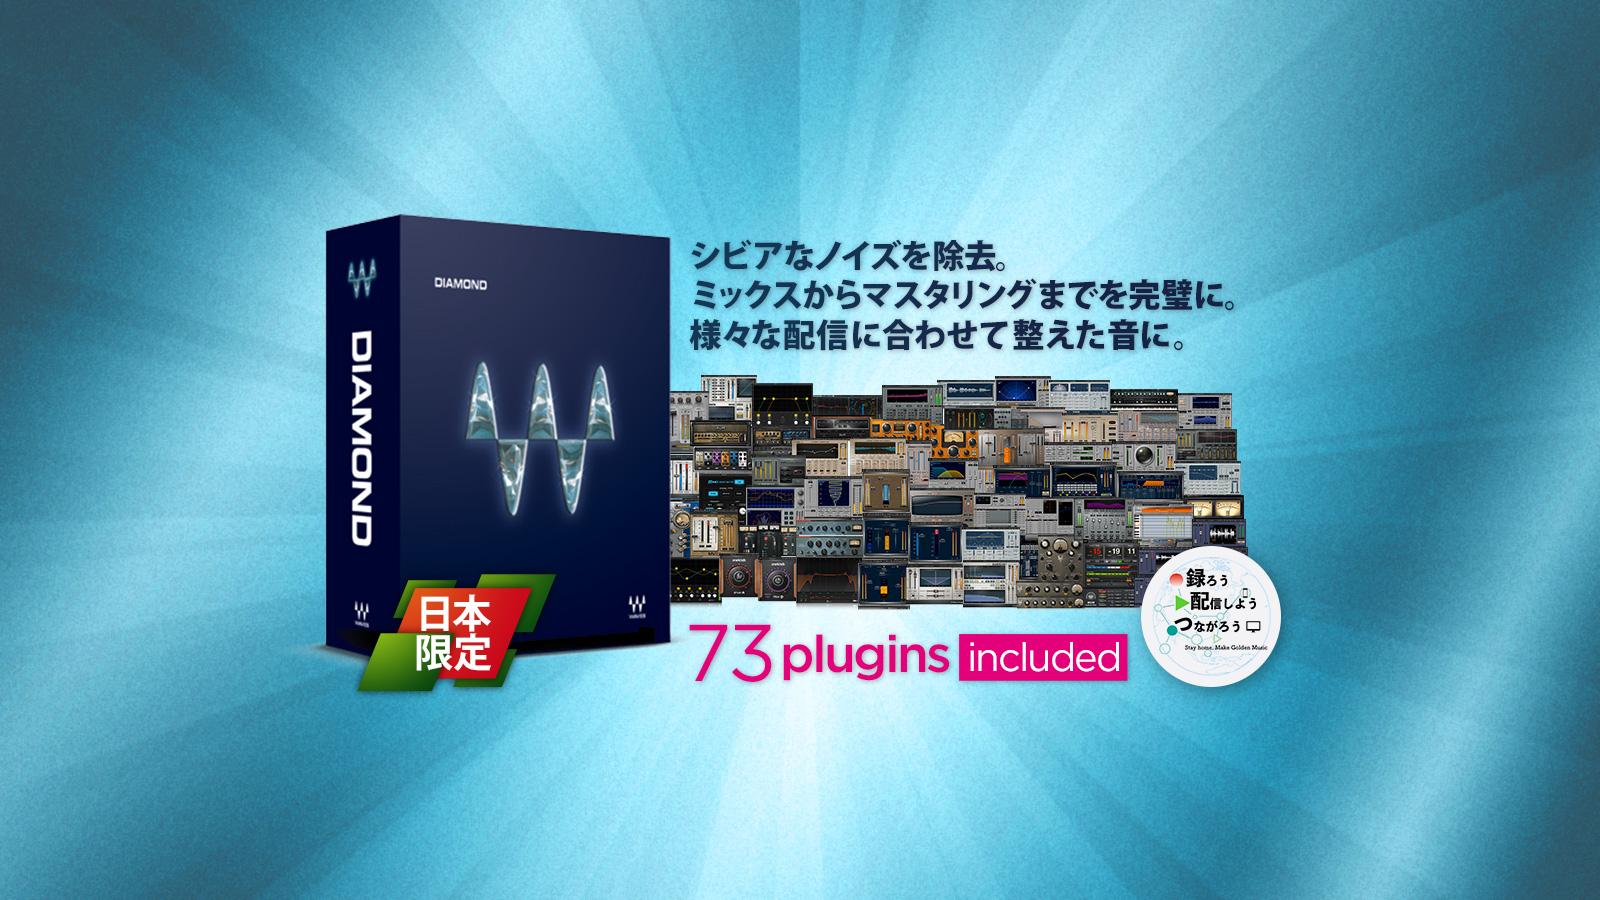 【日本限定】73種のプラグインを収録 Waves Diamond が25,800円!